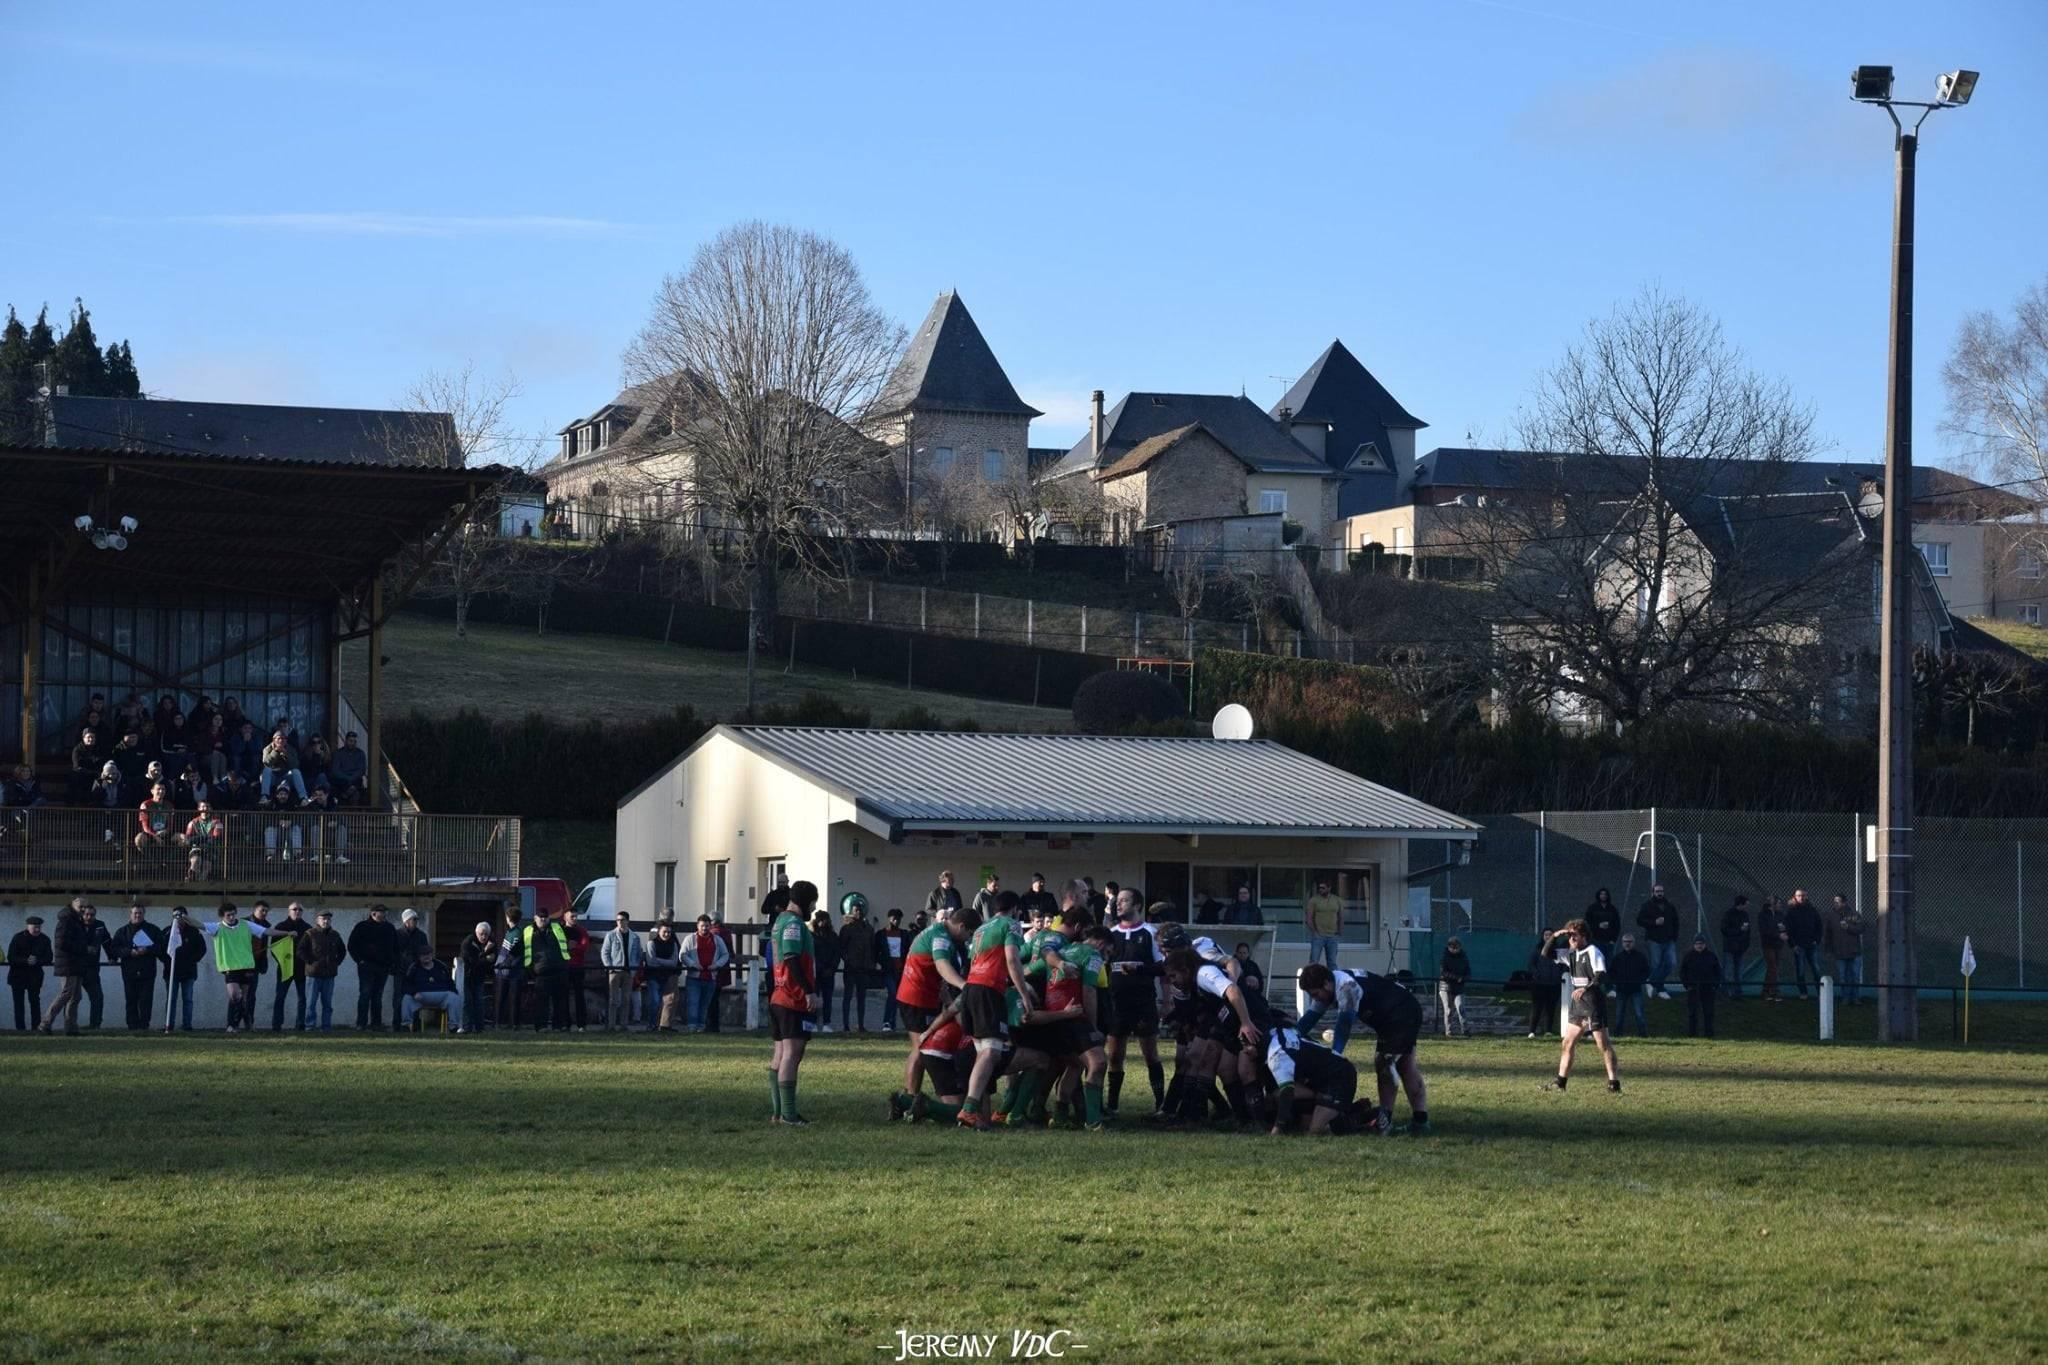 Le stade André-Barrière, antre du RC Treignac, a vu débuter l'histoire ovale de Vincent (crédit photo Jeremy VdC)